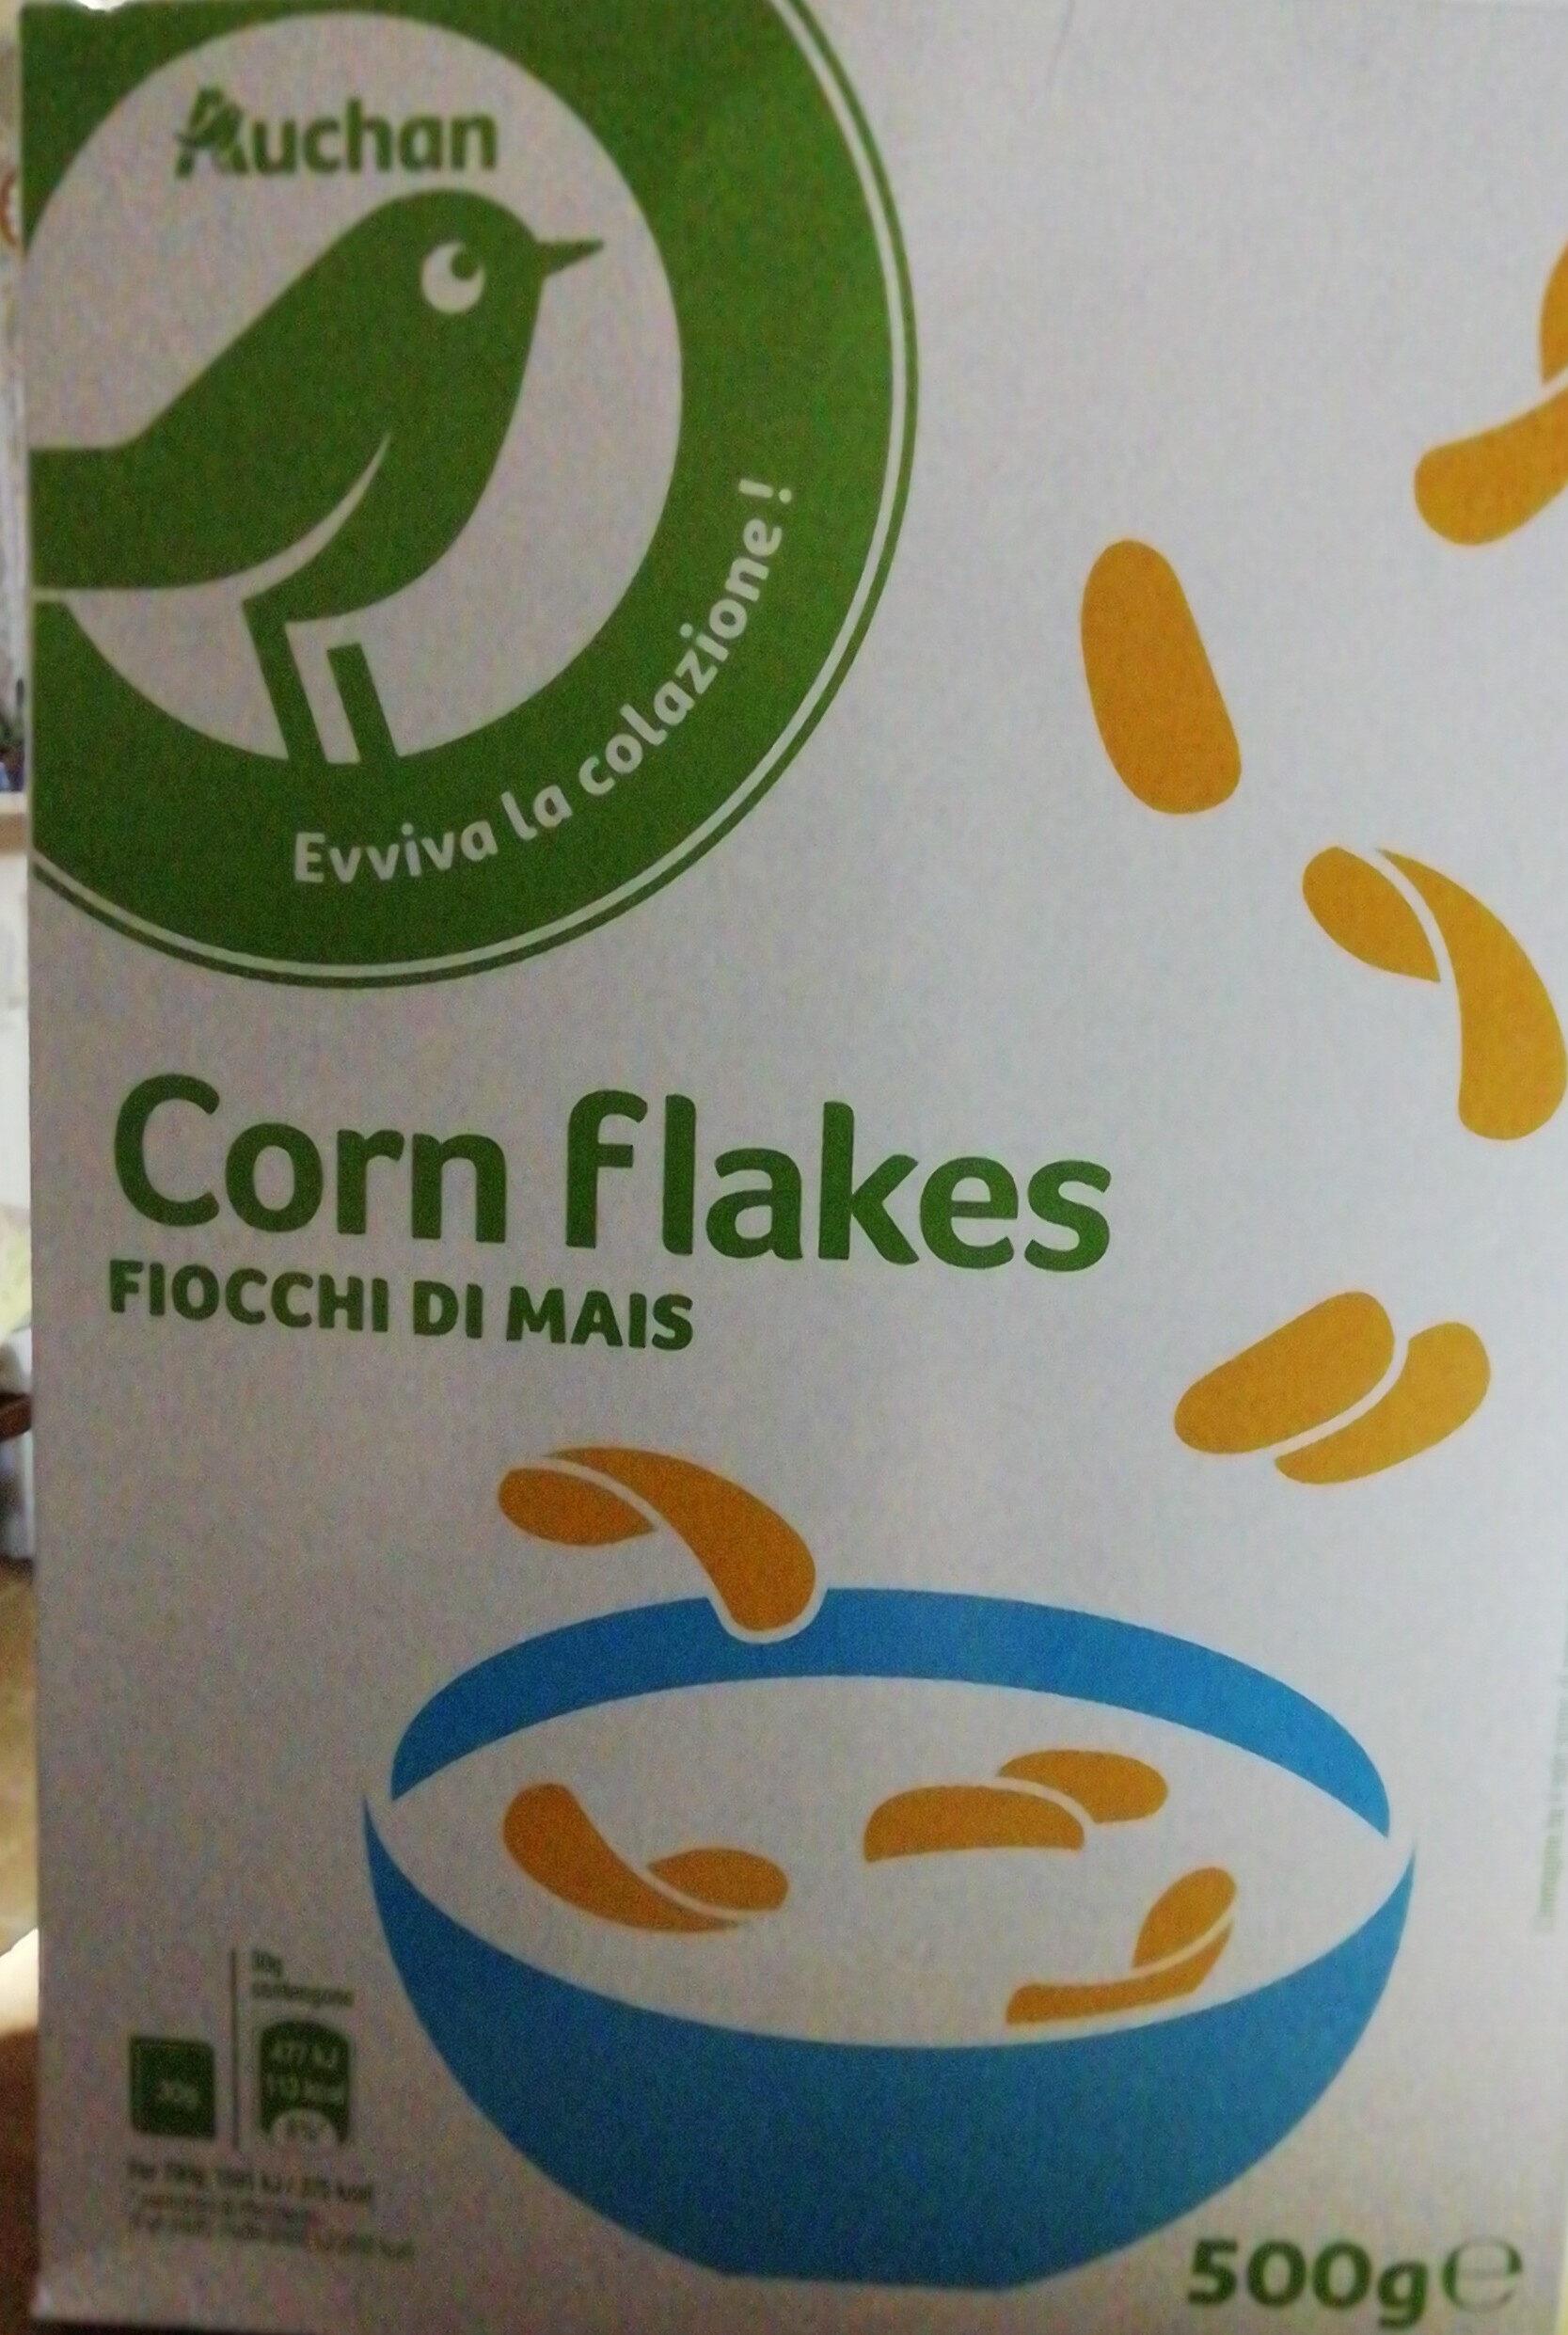 Fiocchi di mais Corn flakes - Product - it